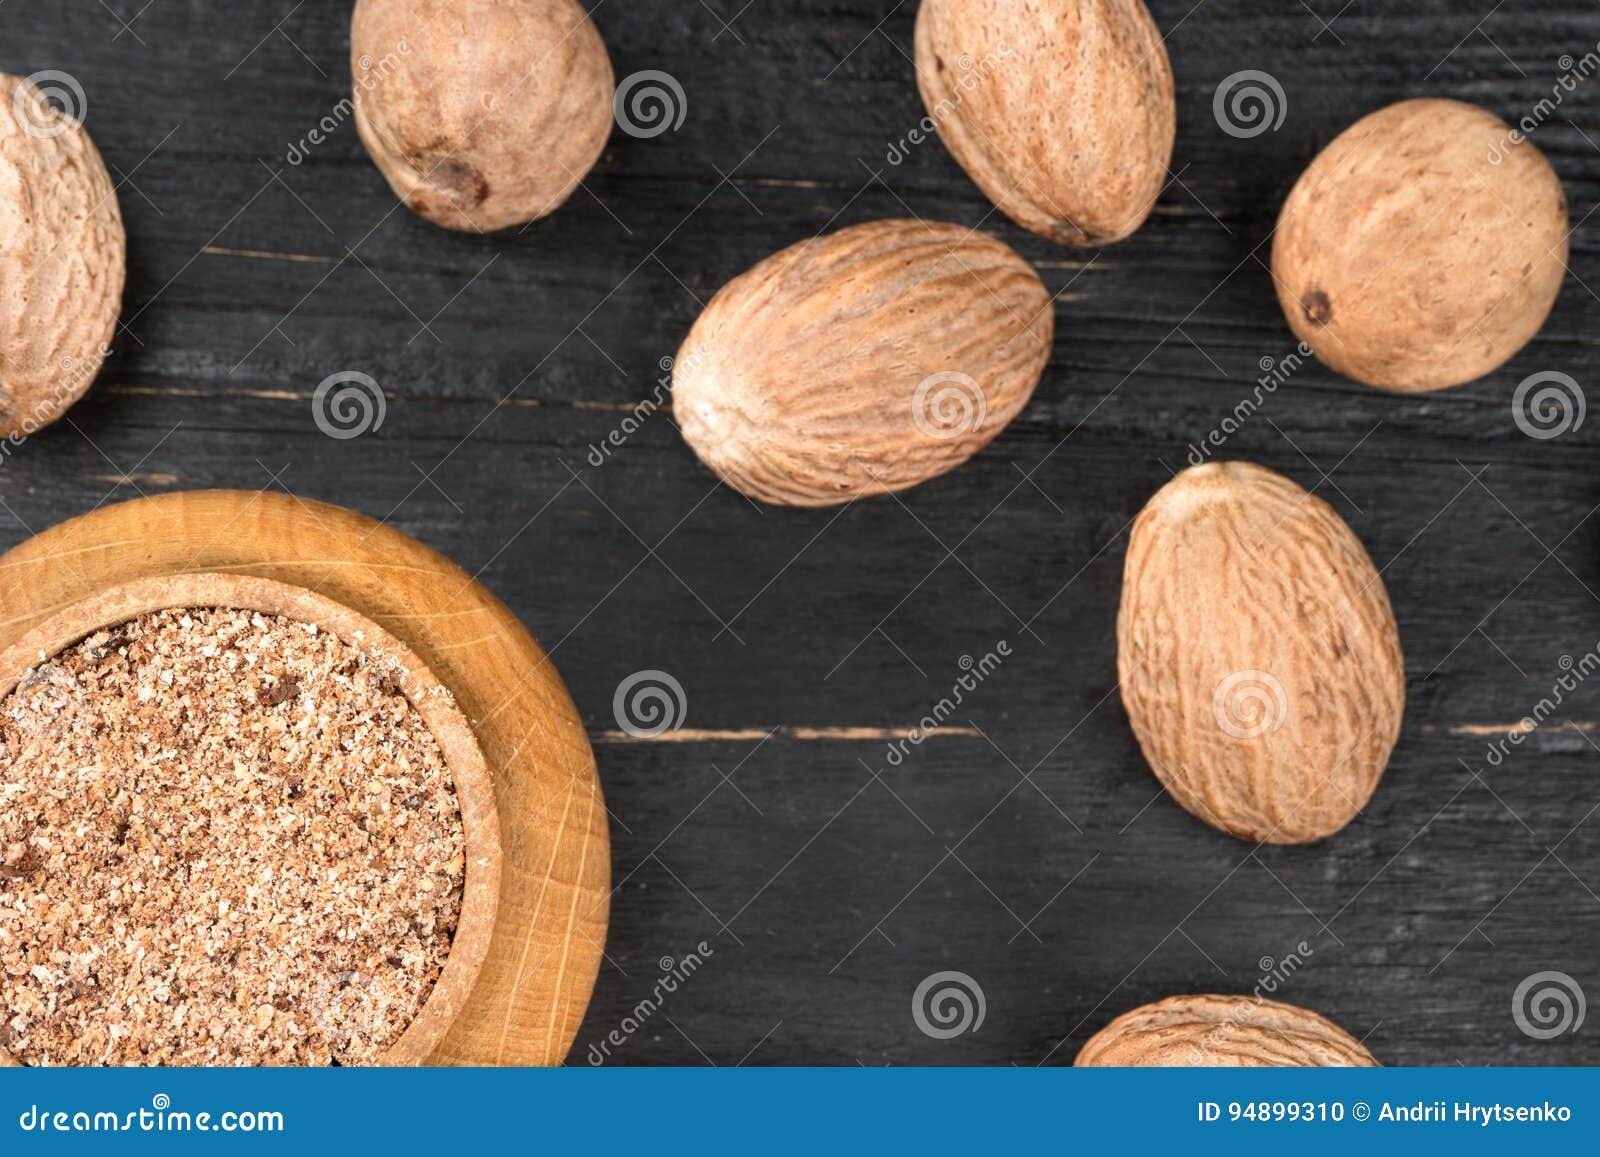 Jar with nutmeg powder